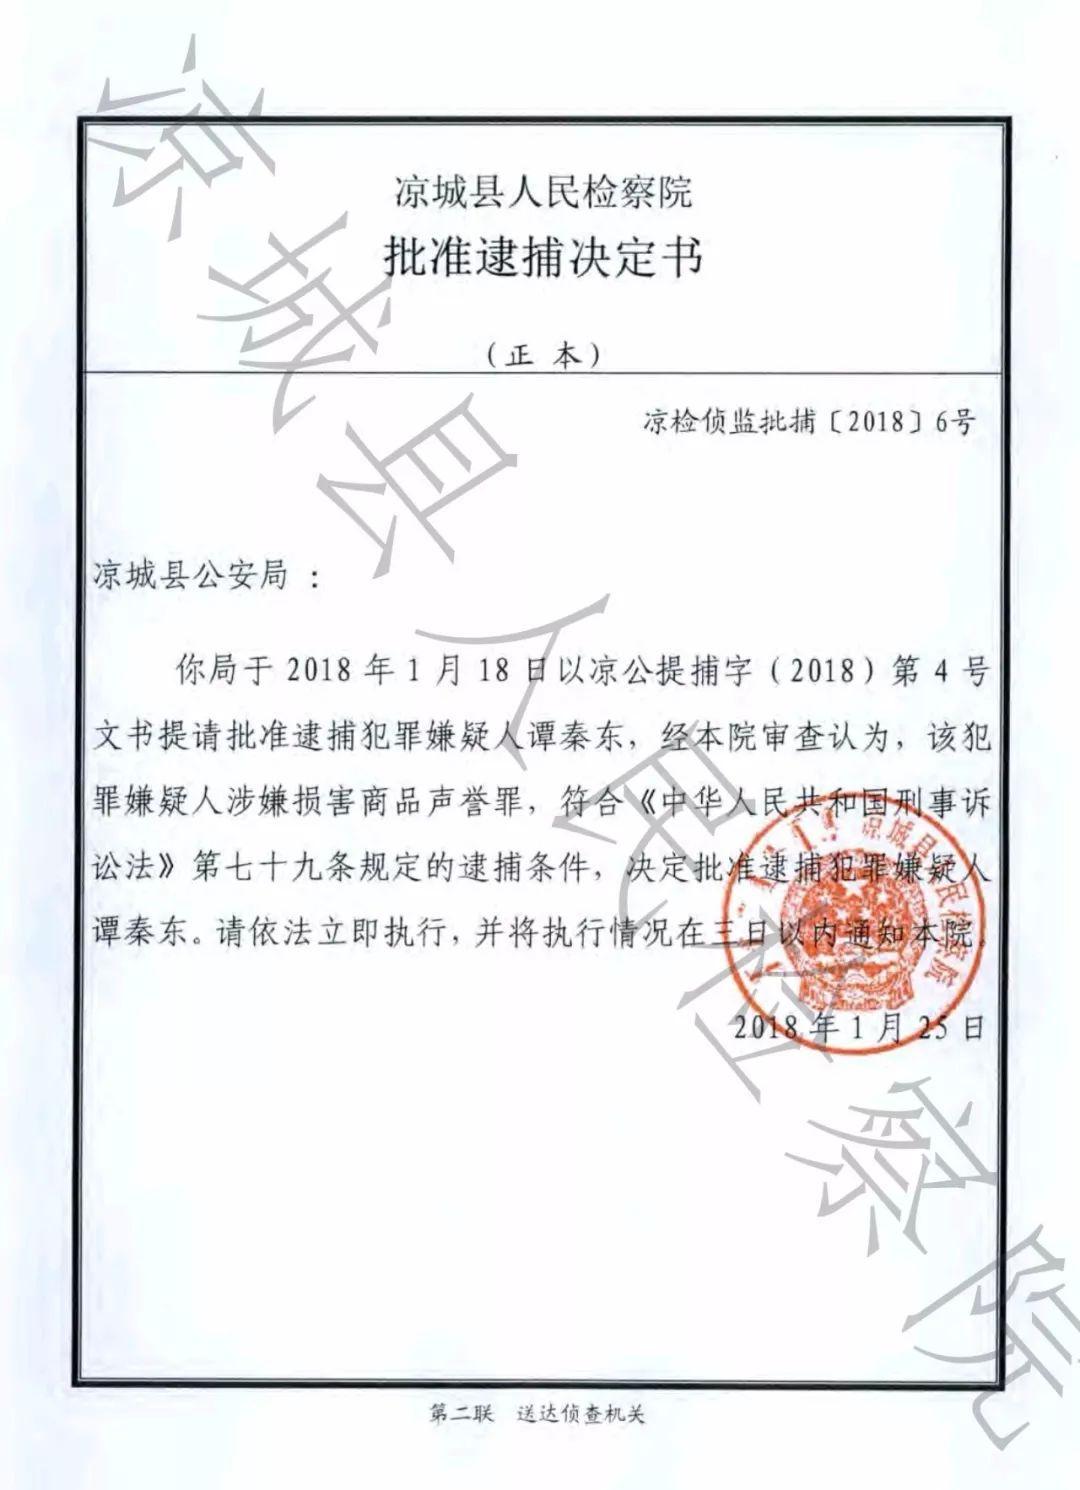 """发帖称""""鸿毛药酒是毒药"""",广州医生被跨省抓捕!内蒙古凉城警方回应…"""